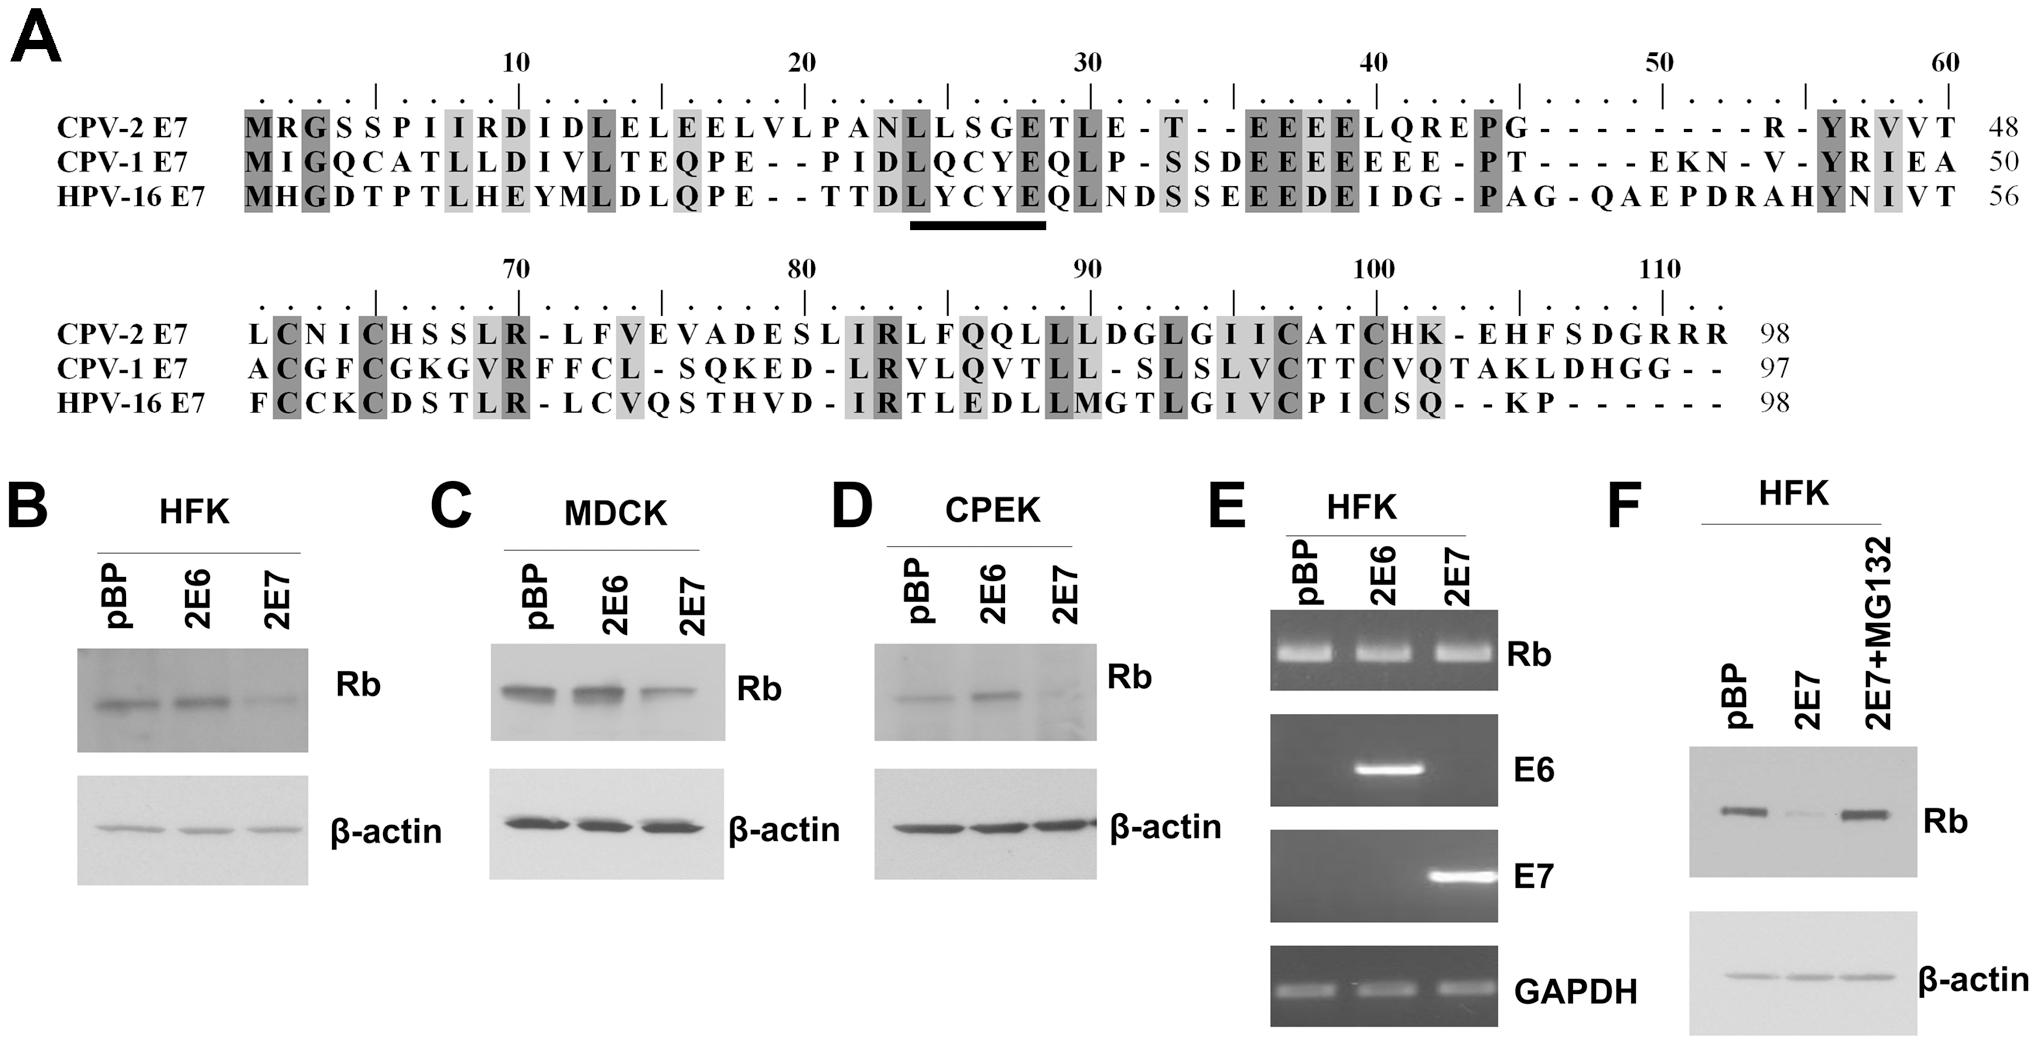 Despite the lack of a conserved LXCXE motif, CPV-2 E7 still degrades pRb.